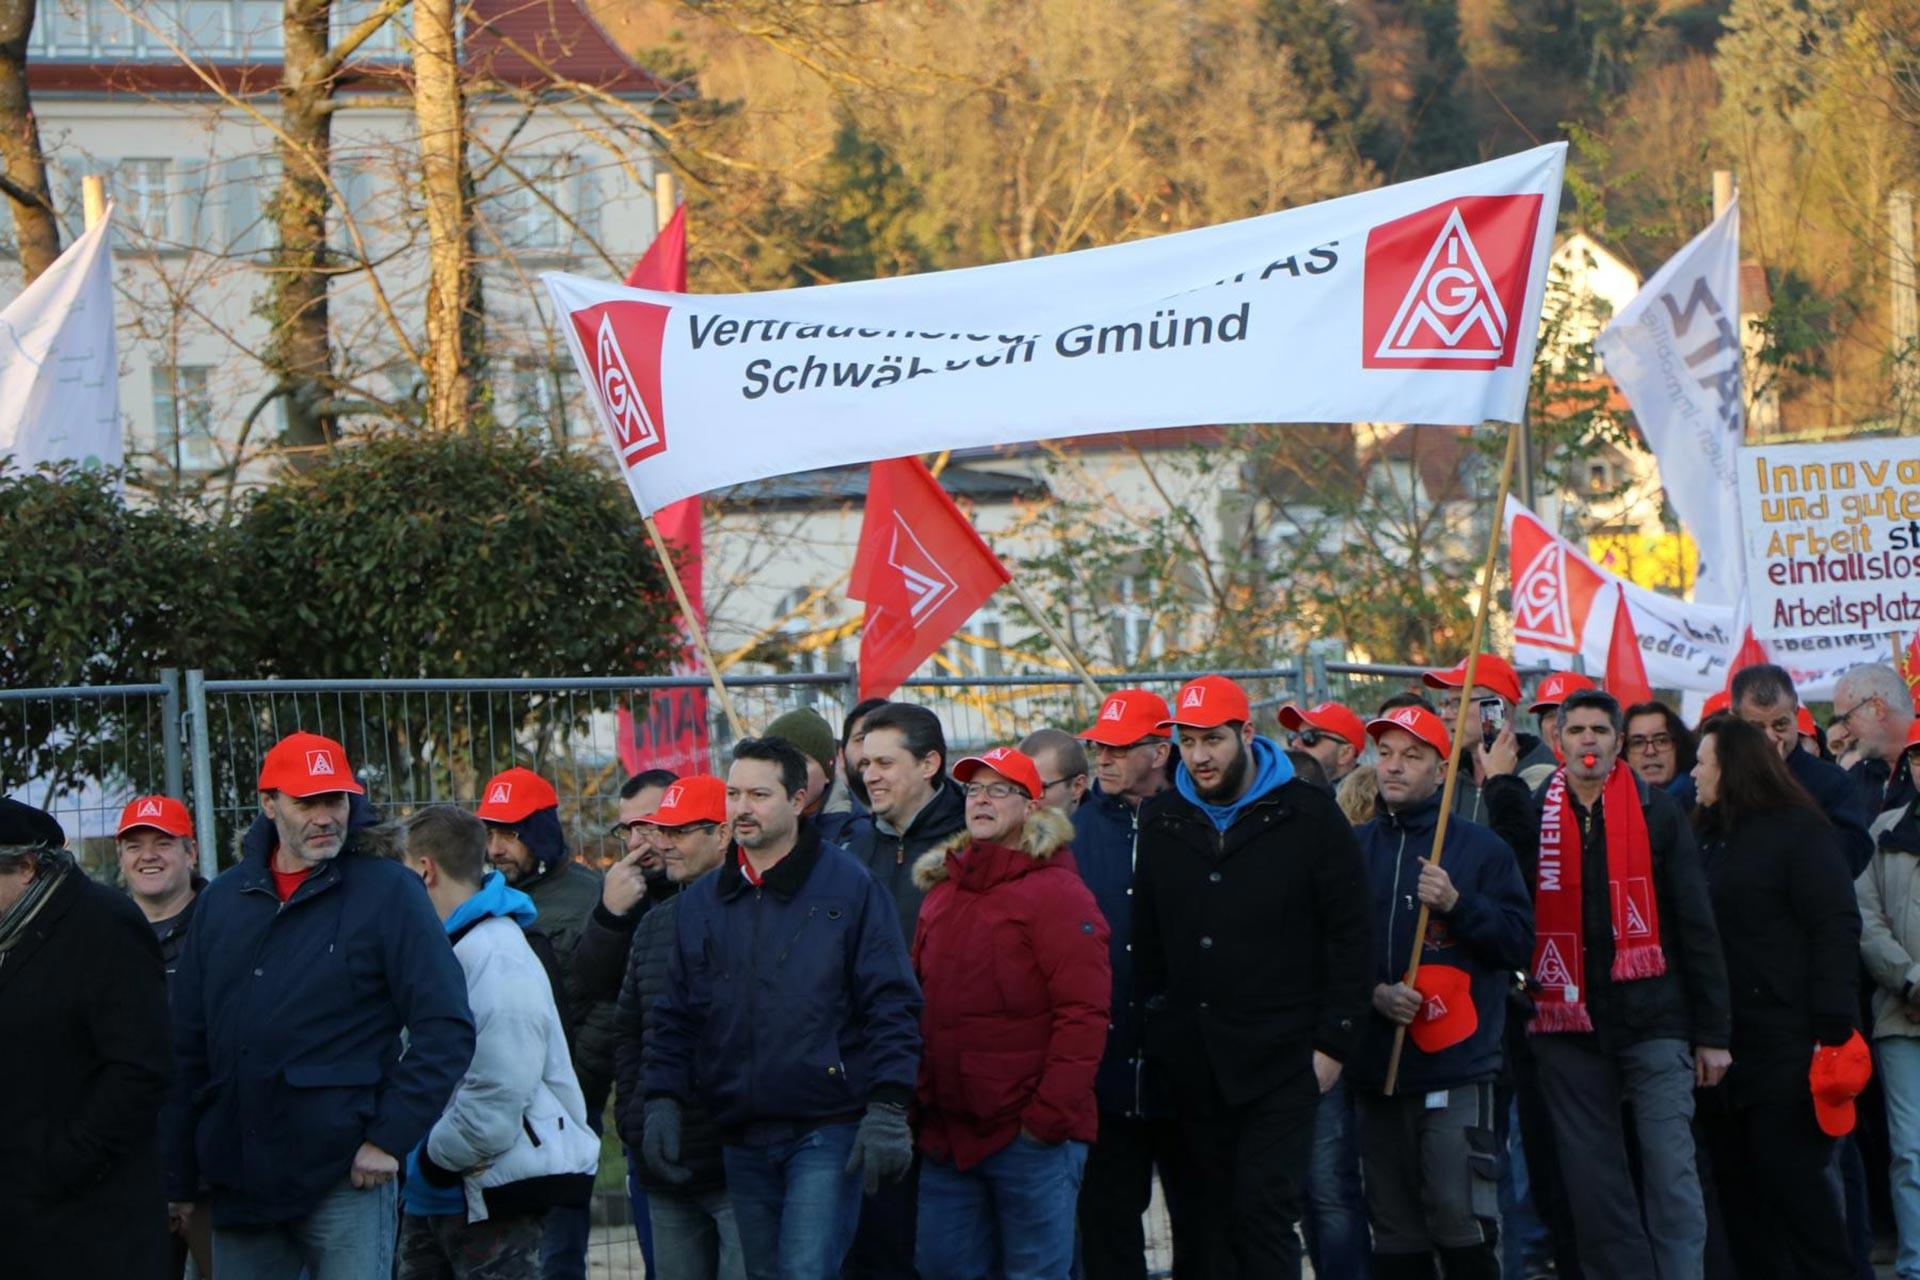 Almanya'da Bosch'un bin civarında işçiyi işten atacağı haberi üzerine işçiler kitlesel bir yürüyüş yaptı